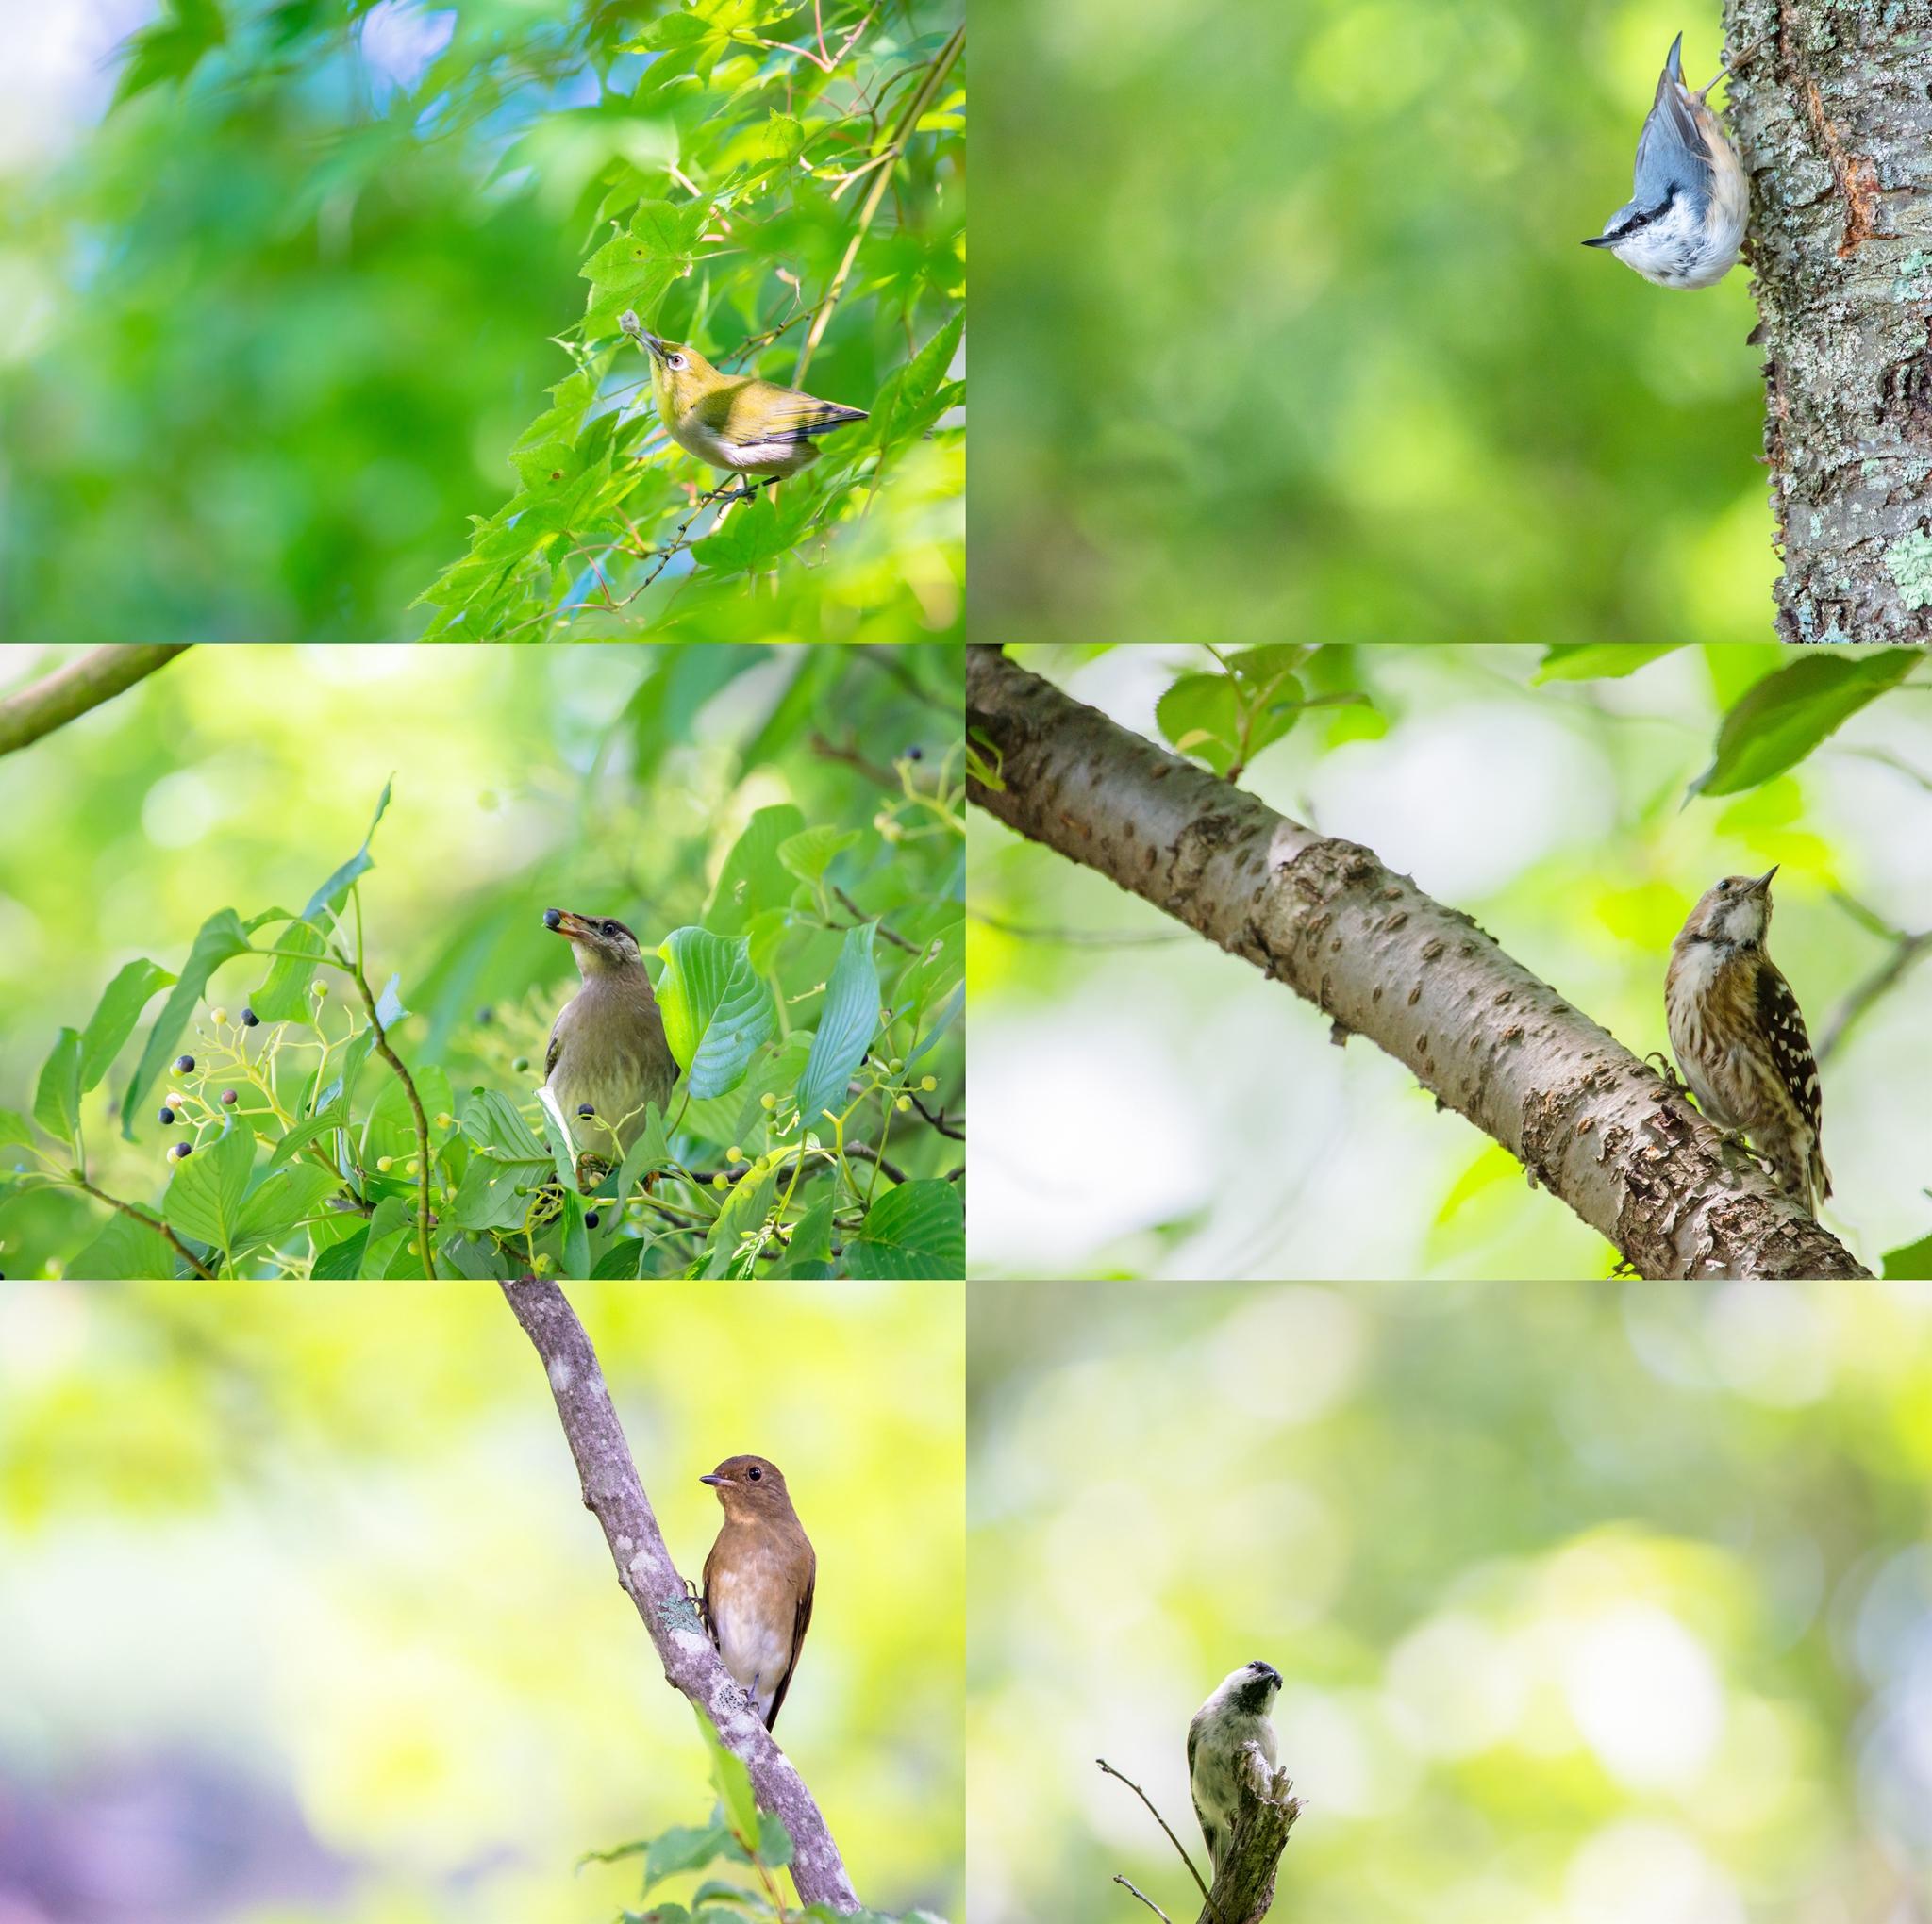 Photo: 「夏」 / Summer  写真展『まなざし』出展作品より 今回ご紹介させていただくのは 8つの小さなテーマの内の一つ 『夏』です。  一年で最も生命力に溢れる季節、 生い茂る緑の中で 小鳥たちが活き活きと過す 夏を感じるシーンから この6枚を選びました。  写真展は2日目、 今回の写真展でも各作品に 限定部数を設定してサインを入れた上で アートフォトとしての販売を行っています。 小さなテーマが6枚ずつに分かれていることもあって、 セットで手にしていただいた場合には 少し特別な気分を味わってもらえるようにと 一工夫加えた仕組みも御用意しています。  もし御興味を持っていただけましたら、 購入していただくことも可能ですので、 お気に入りのこを お手元において愛でていただけたら とても嬉しく思います。  本日もOpenの11時より終日在廊しています、 お気軽に足を運んでいただけたら幸いです。  #birdphotography #birds #cooljapan #kawaii #nikon #sigma  ・大塩貴文 写真展『まなざし』 2015年11月20日[金]-29日[日] < http://islandgallery.jp/12134 >  ・Live Talk イベントページ < https://goo.gl/js4sNM >